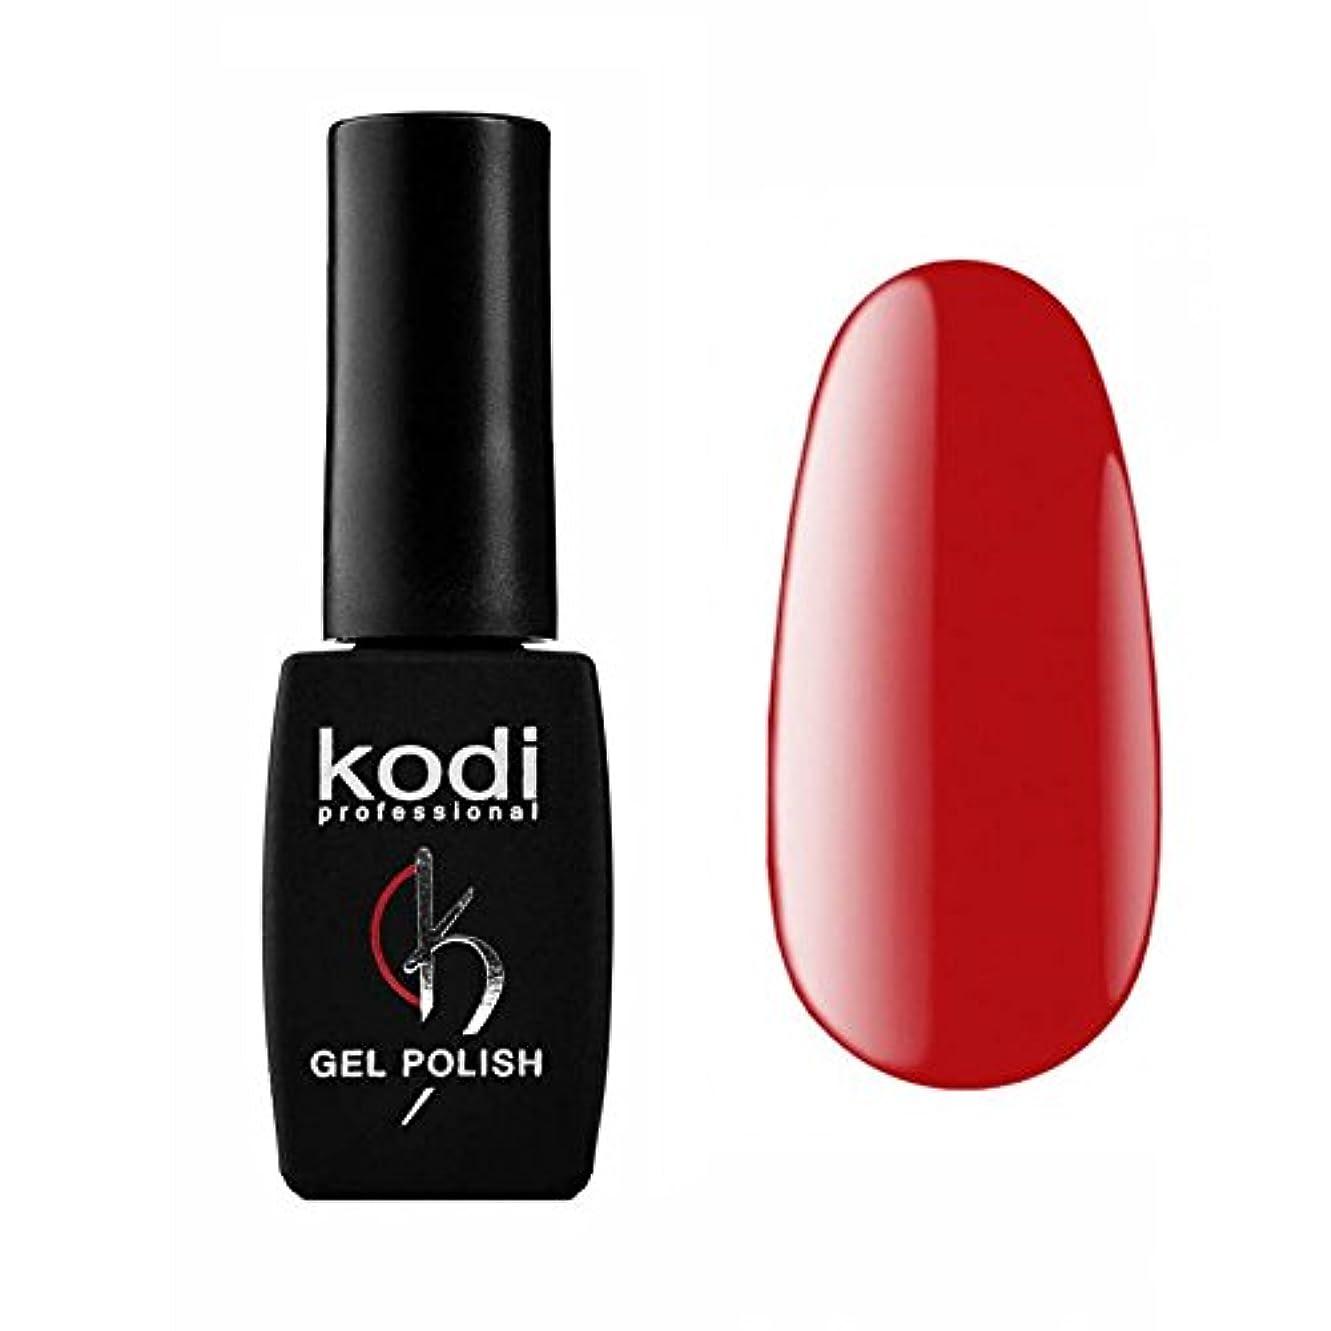 フルーティー外観動員するKodi Professional New Collection R Red #80 Color Gel Nail Polish 12ml 0.42 Fl Oz LED UV Genuine Soak Off